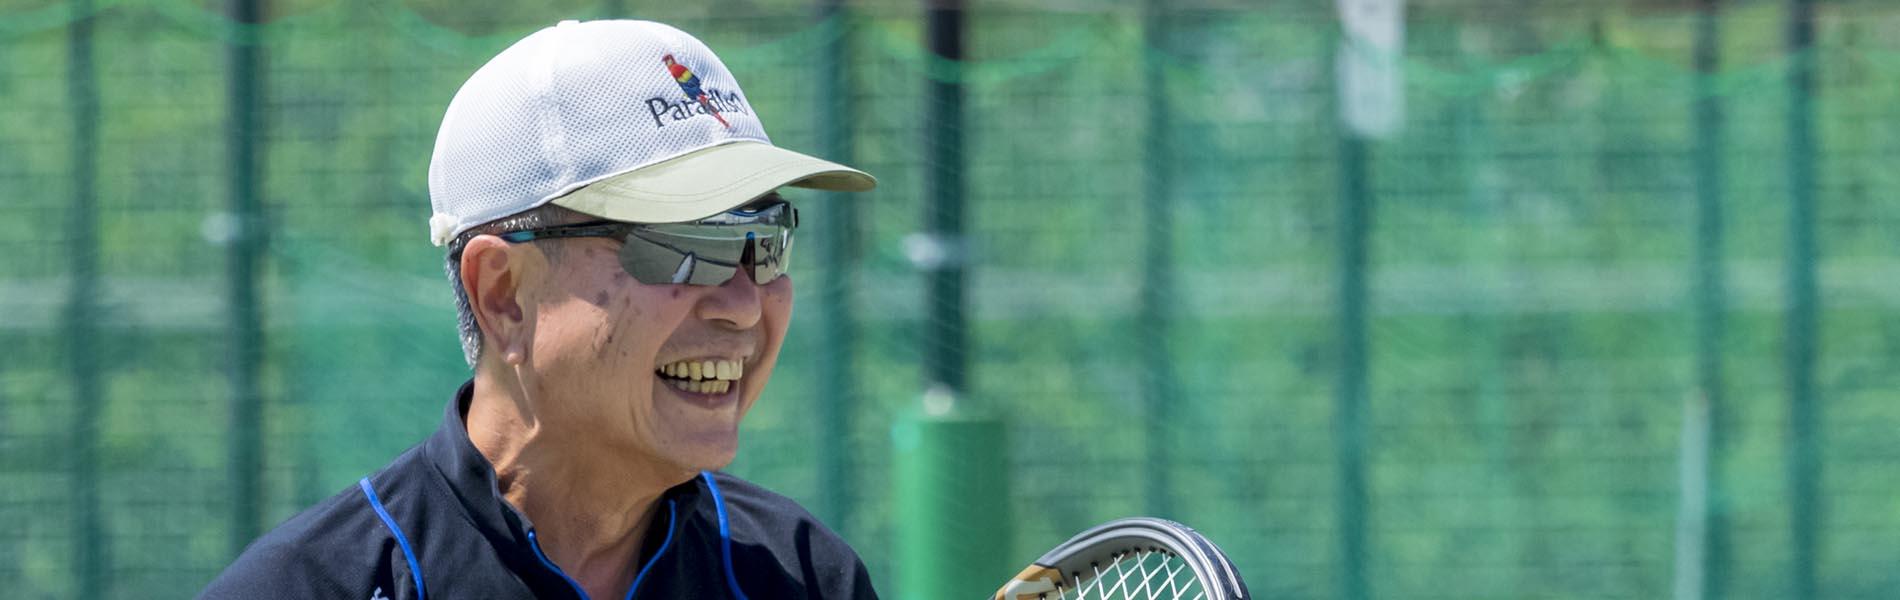 テニス、テニスラケット、男性